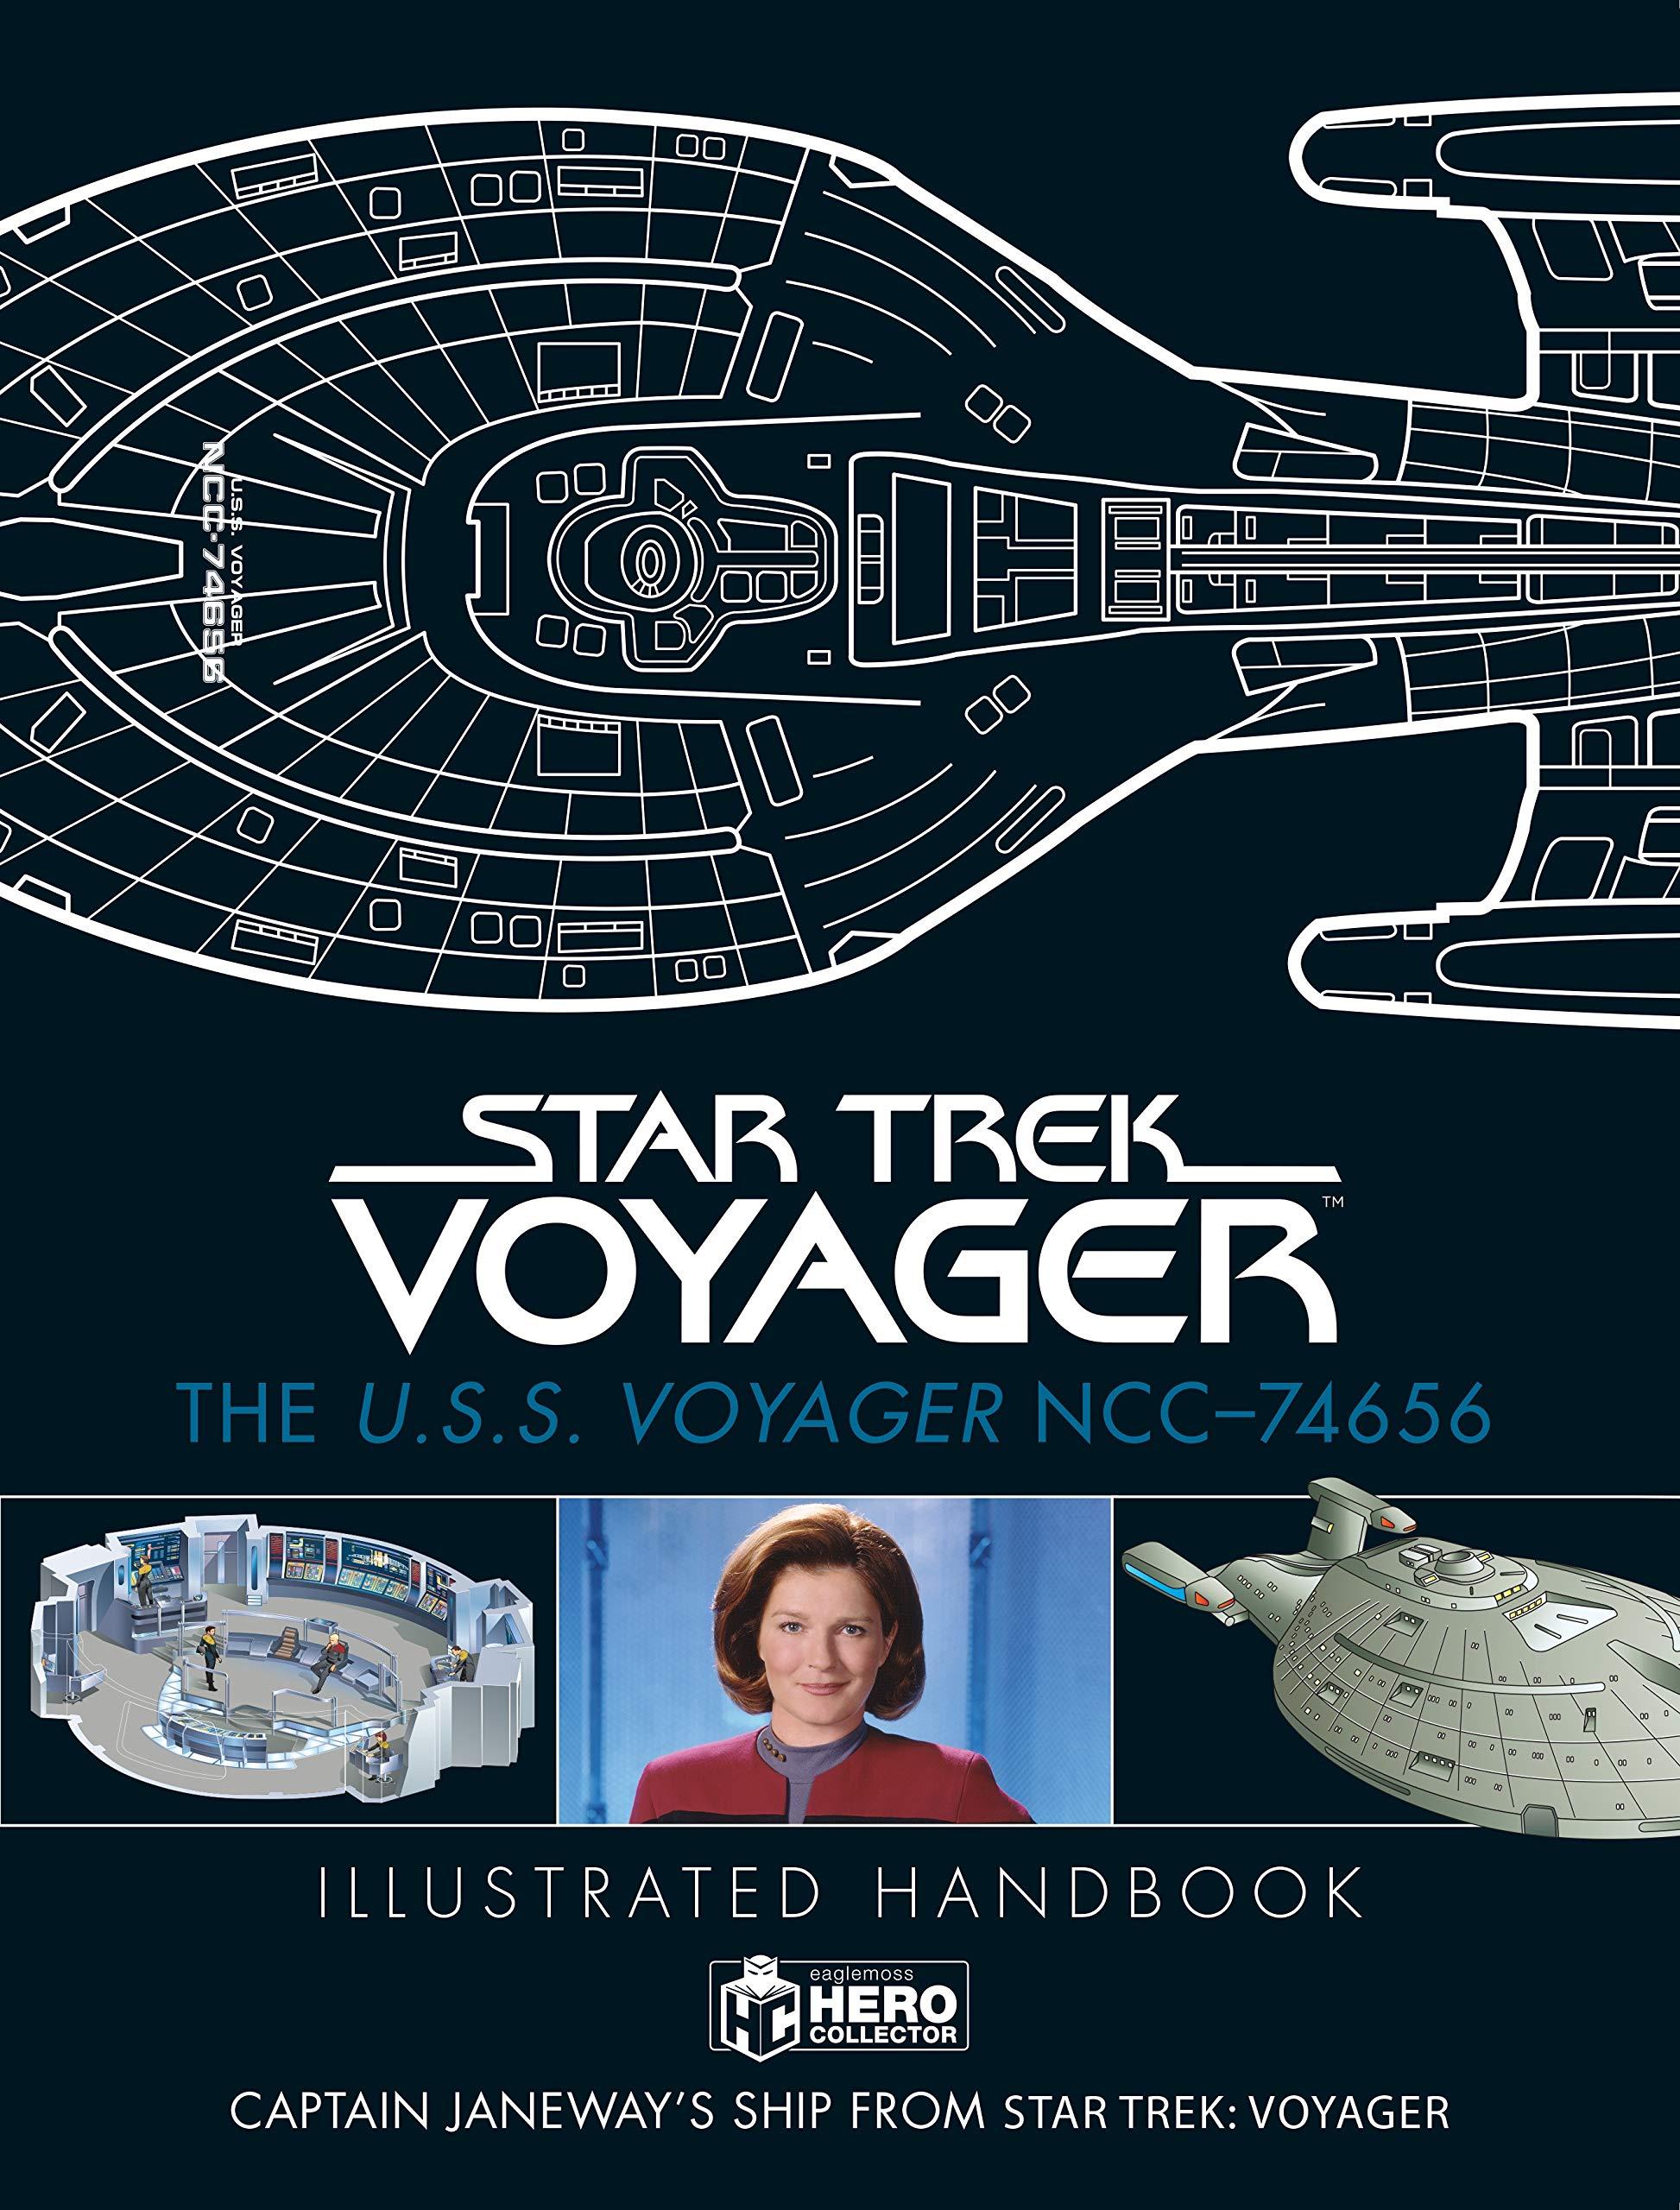 Star Trek: The U.S.S. Voyager NCC-74656 Illustrated Handbook ... on galaxy star trek lcars schematics, star trek prometheus schematics, deep space nine schematics, uss enterprise schematics, delta flyer schematics, sci-fi spaceship schematics, ship schematics, gilso star trek schematics, federation runabout schematics, starship schematics, star trek enterprise schematics, babylon 5 schematics, seaquest dsv schematics,